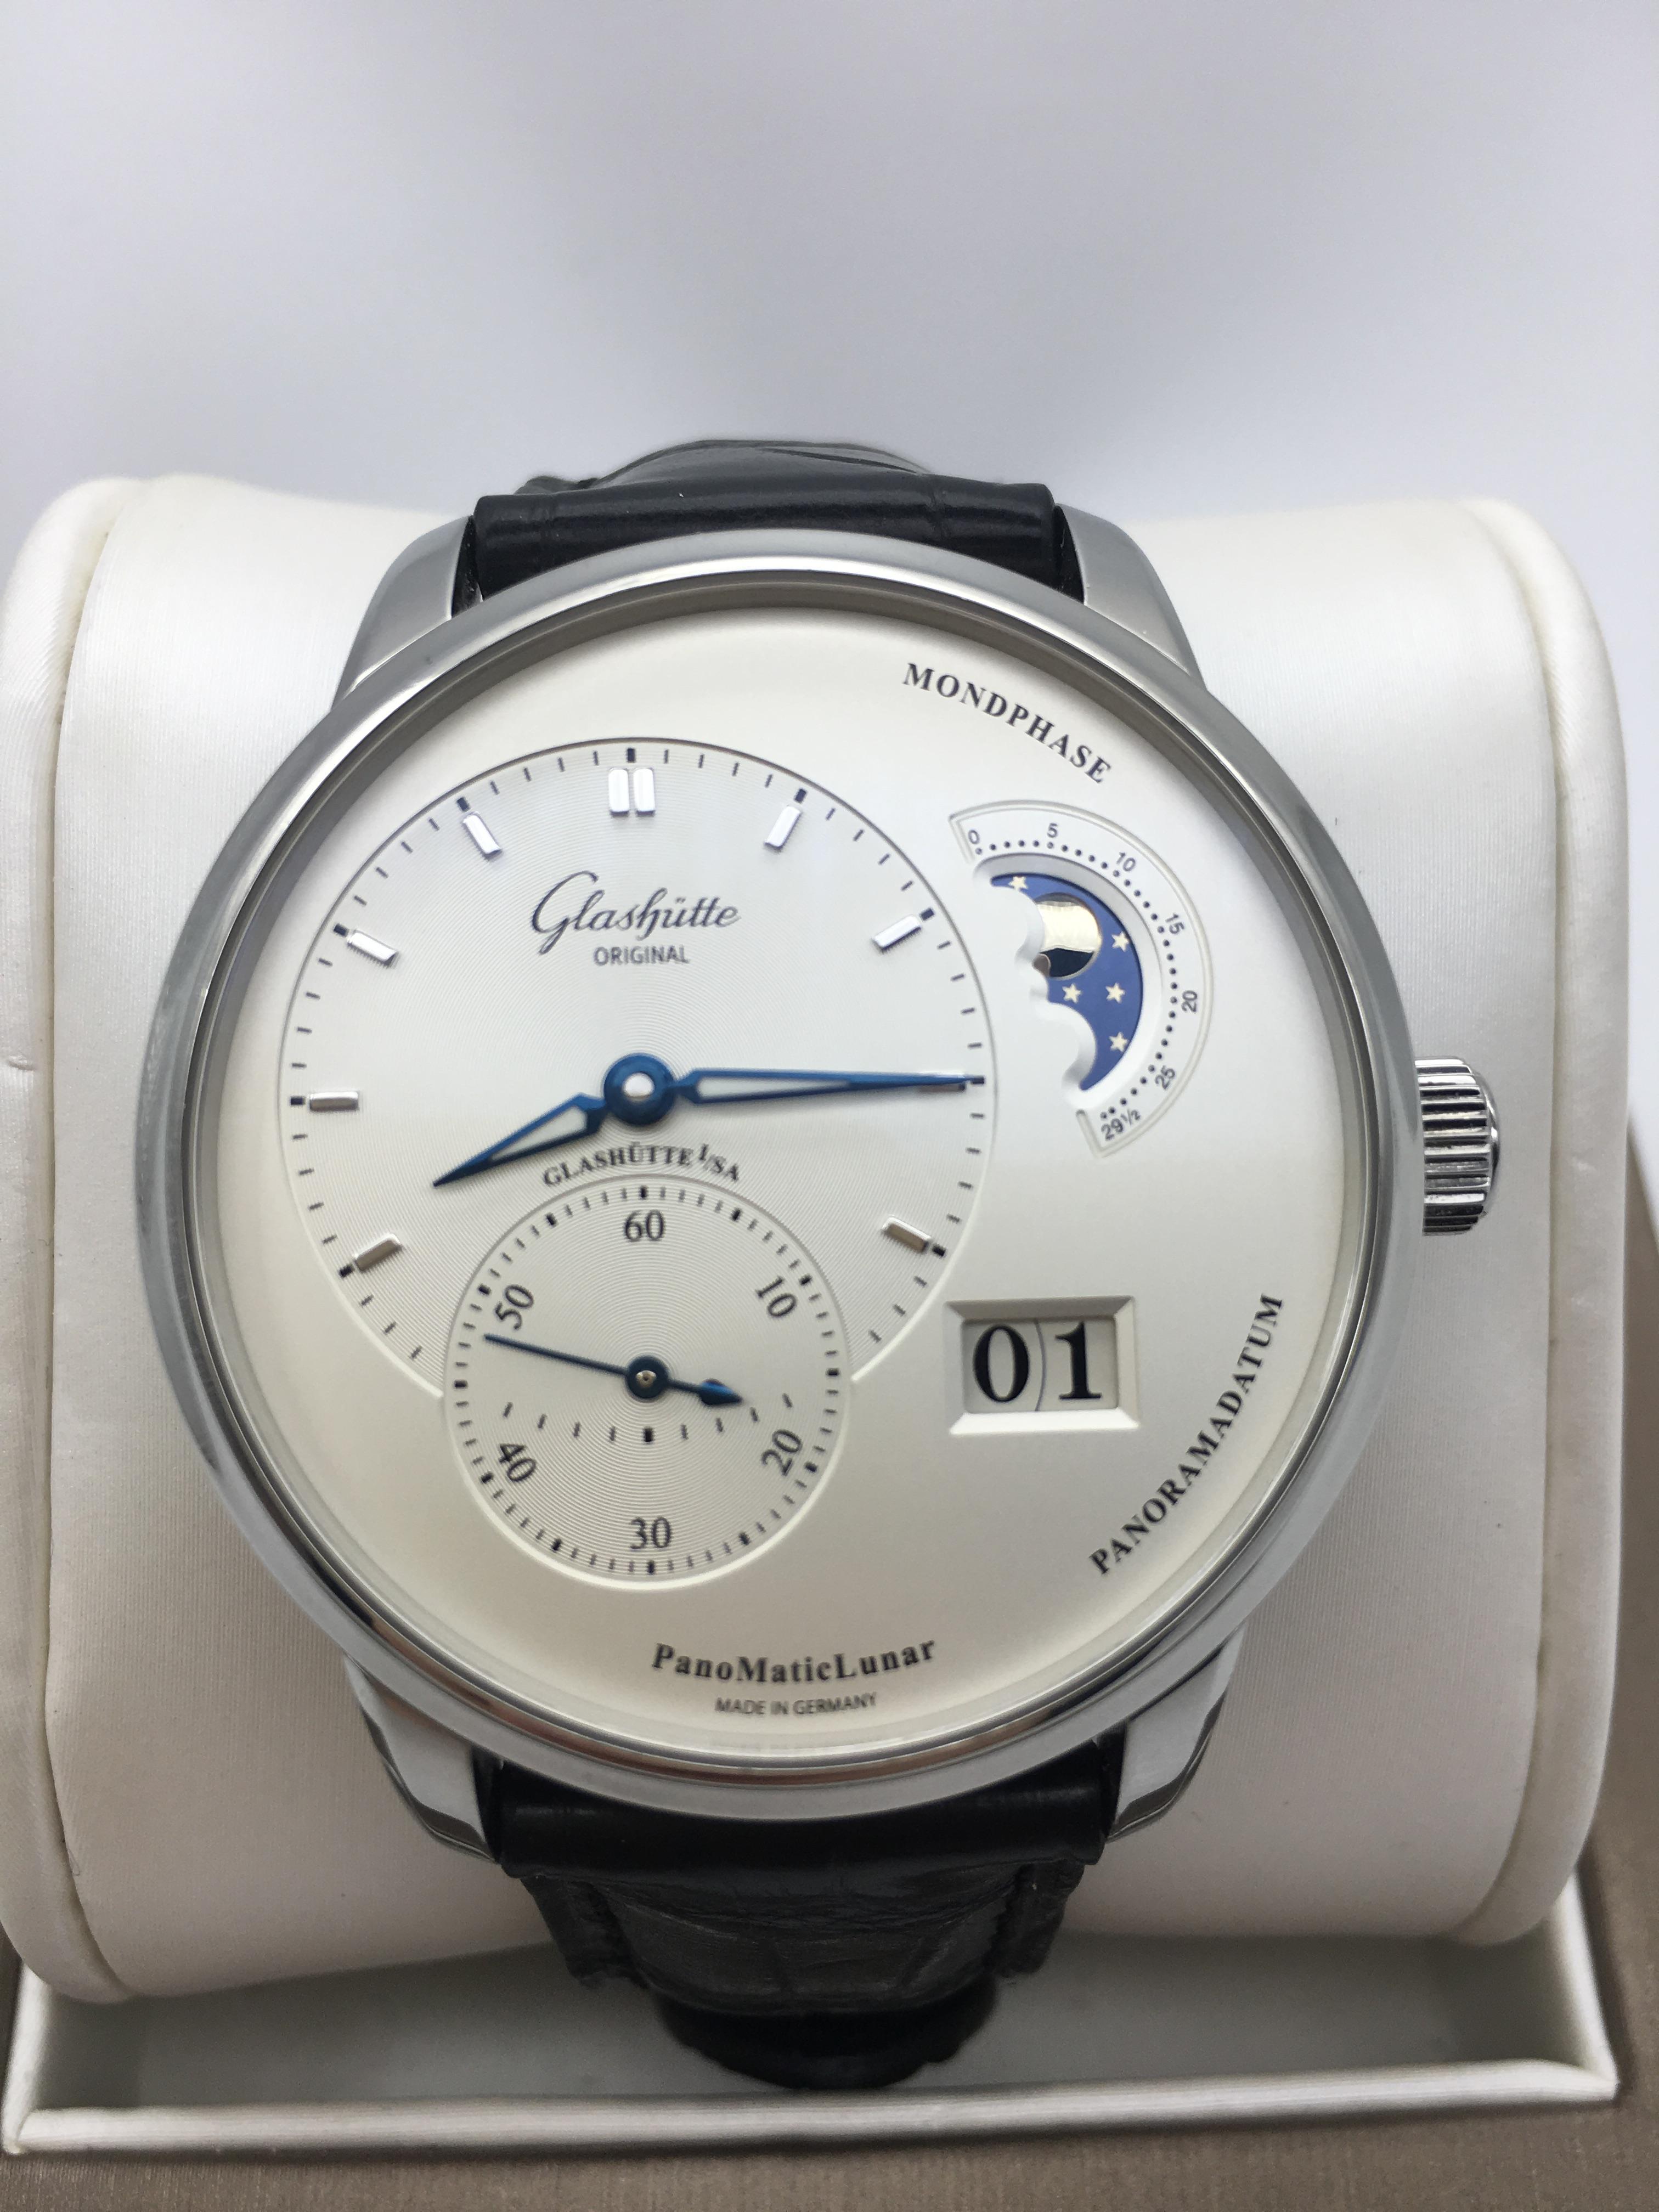 二手表和专柜的区别在哪里?